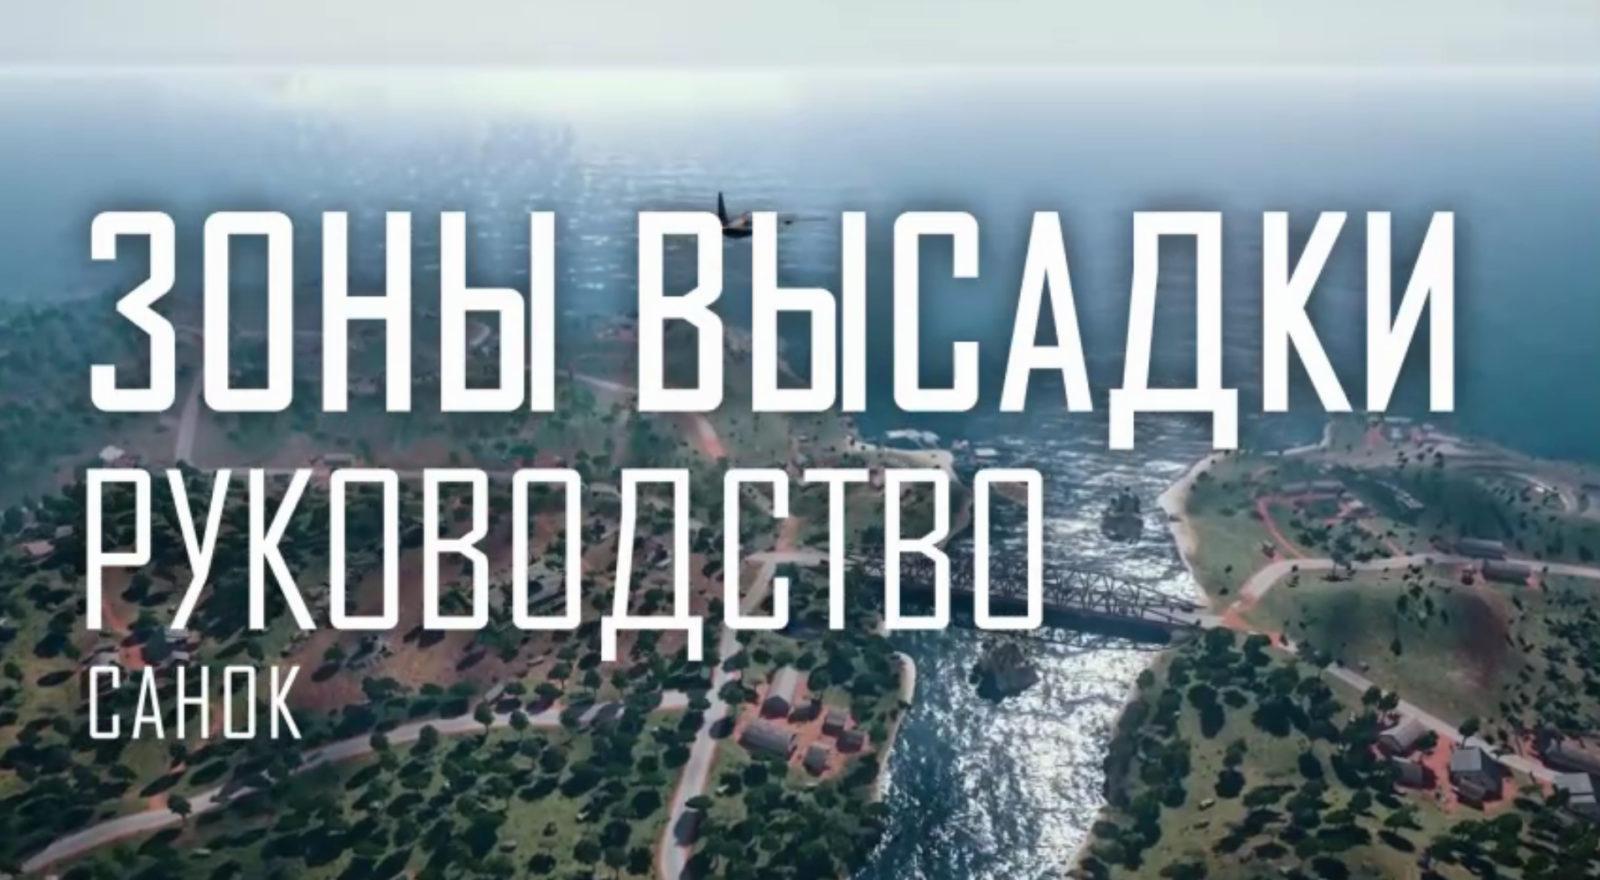 Руководство PUBG по зонам высадки - настоящая партизанская война на карте Санок